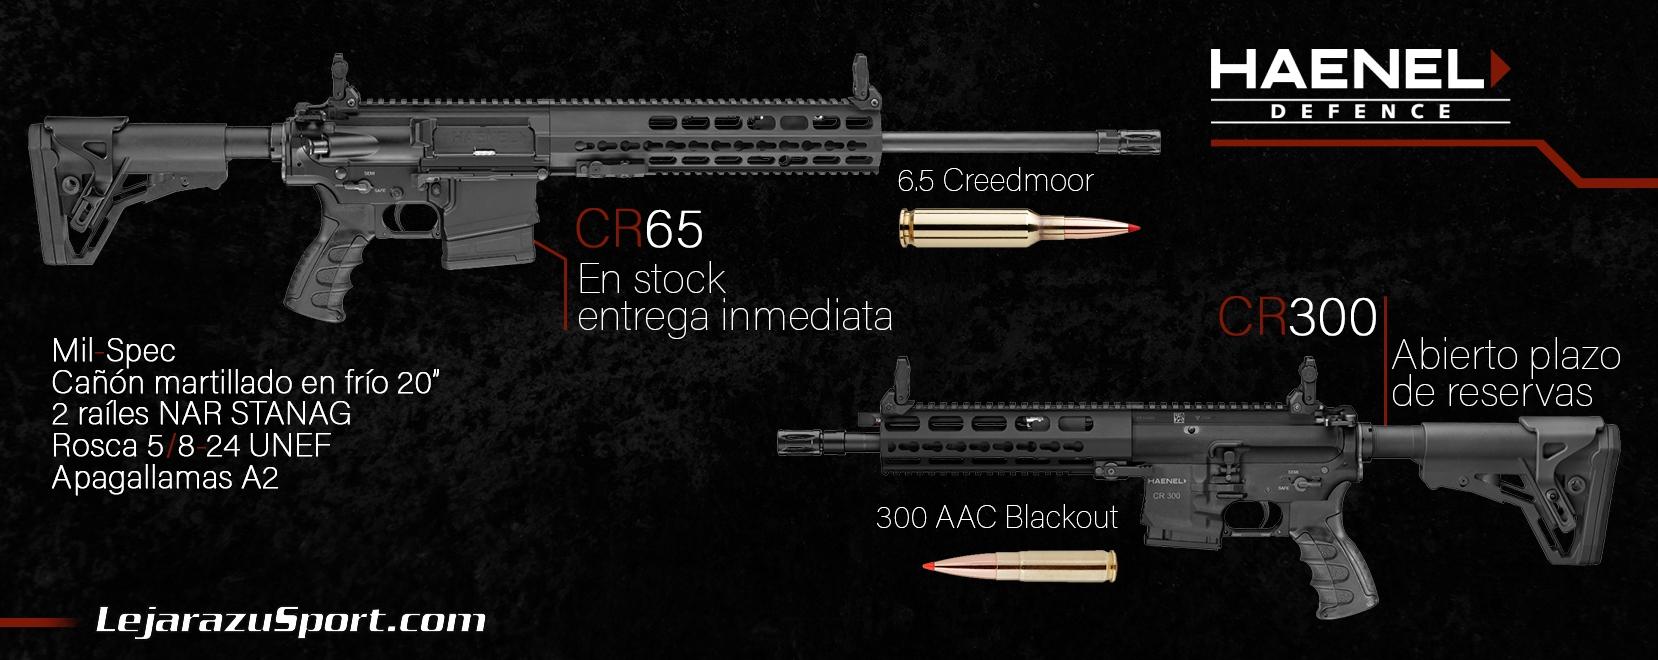 Nuevos rifles Haenel CR65 y CR300 en LejarazuSport.com